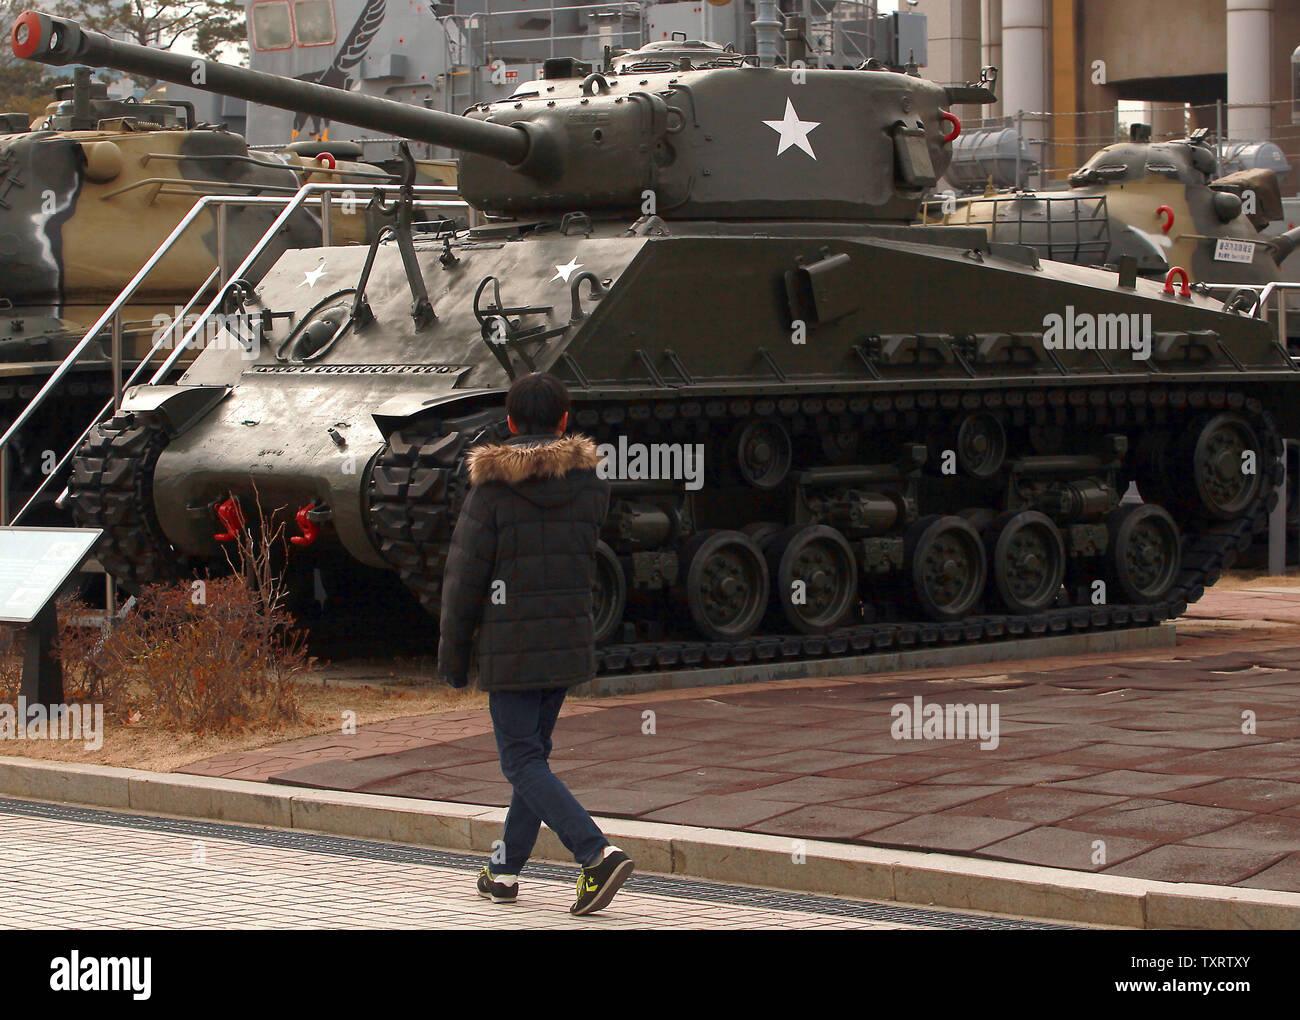 """Un sud coreano passeggiate da un carro Sherman in mostra presso il Memoriale di guerra di Corea a Seul il 28 gennaio 2013. La Corea del Nord ha detto la scorsa settimana che prevede di effettuare un nuovo test nucleare e più a lungo raggio lanci di razzi, tutti di che ha detto che sono parte di una nuova fase di scontro con gli Stati Uniti. La Corea del Nord ha inoltre messo in guardia circa la possibilità di 'strong contatore fisico-misure"""" contro la Corea del Sud se supportano l'inasprimento delle sanzioni delle Nazioni Unite. UPI/Stephen rasoio Foto Stock"""